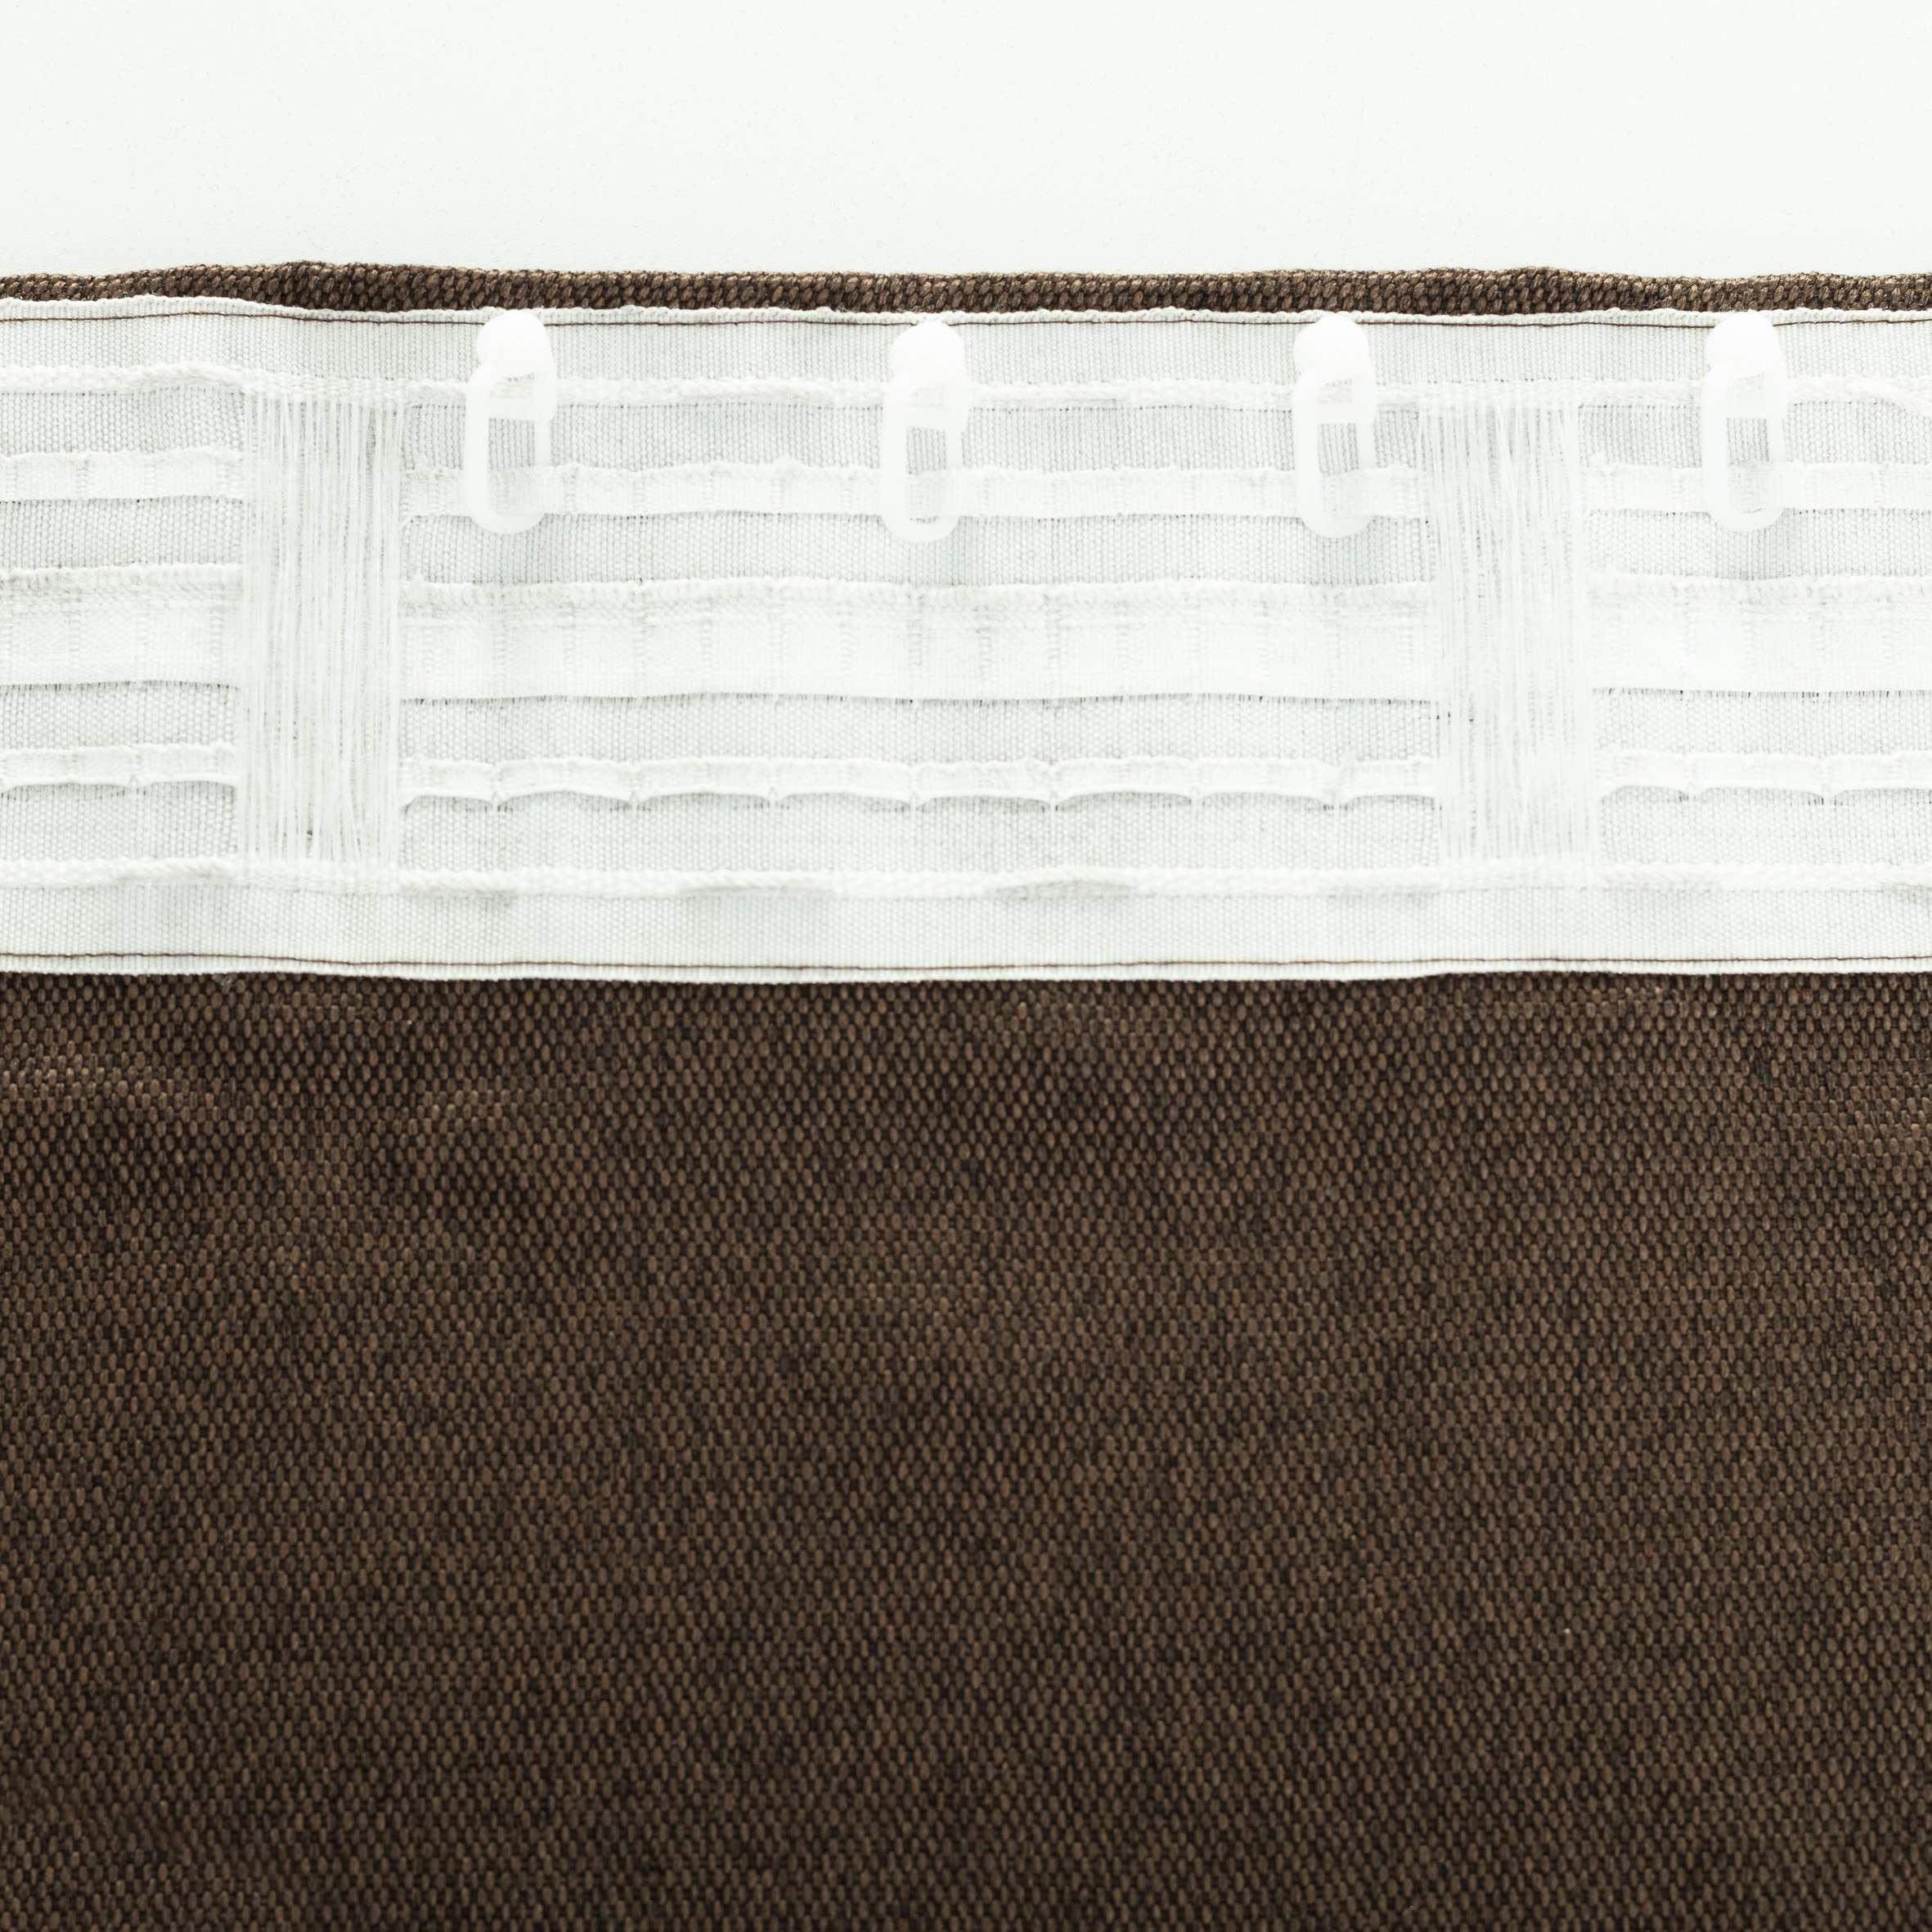 Zasłona BASIC na taśmie marszczącej 140x300cm czekoladowy brąz 1 szt.